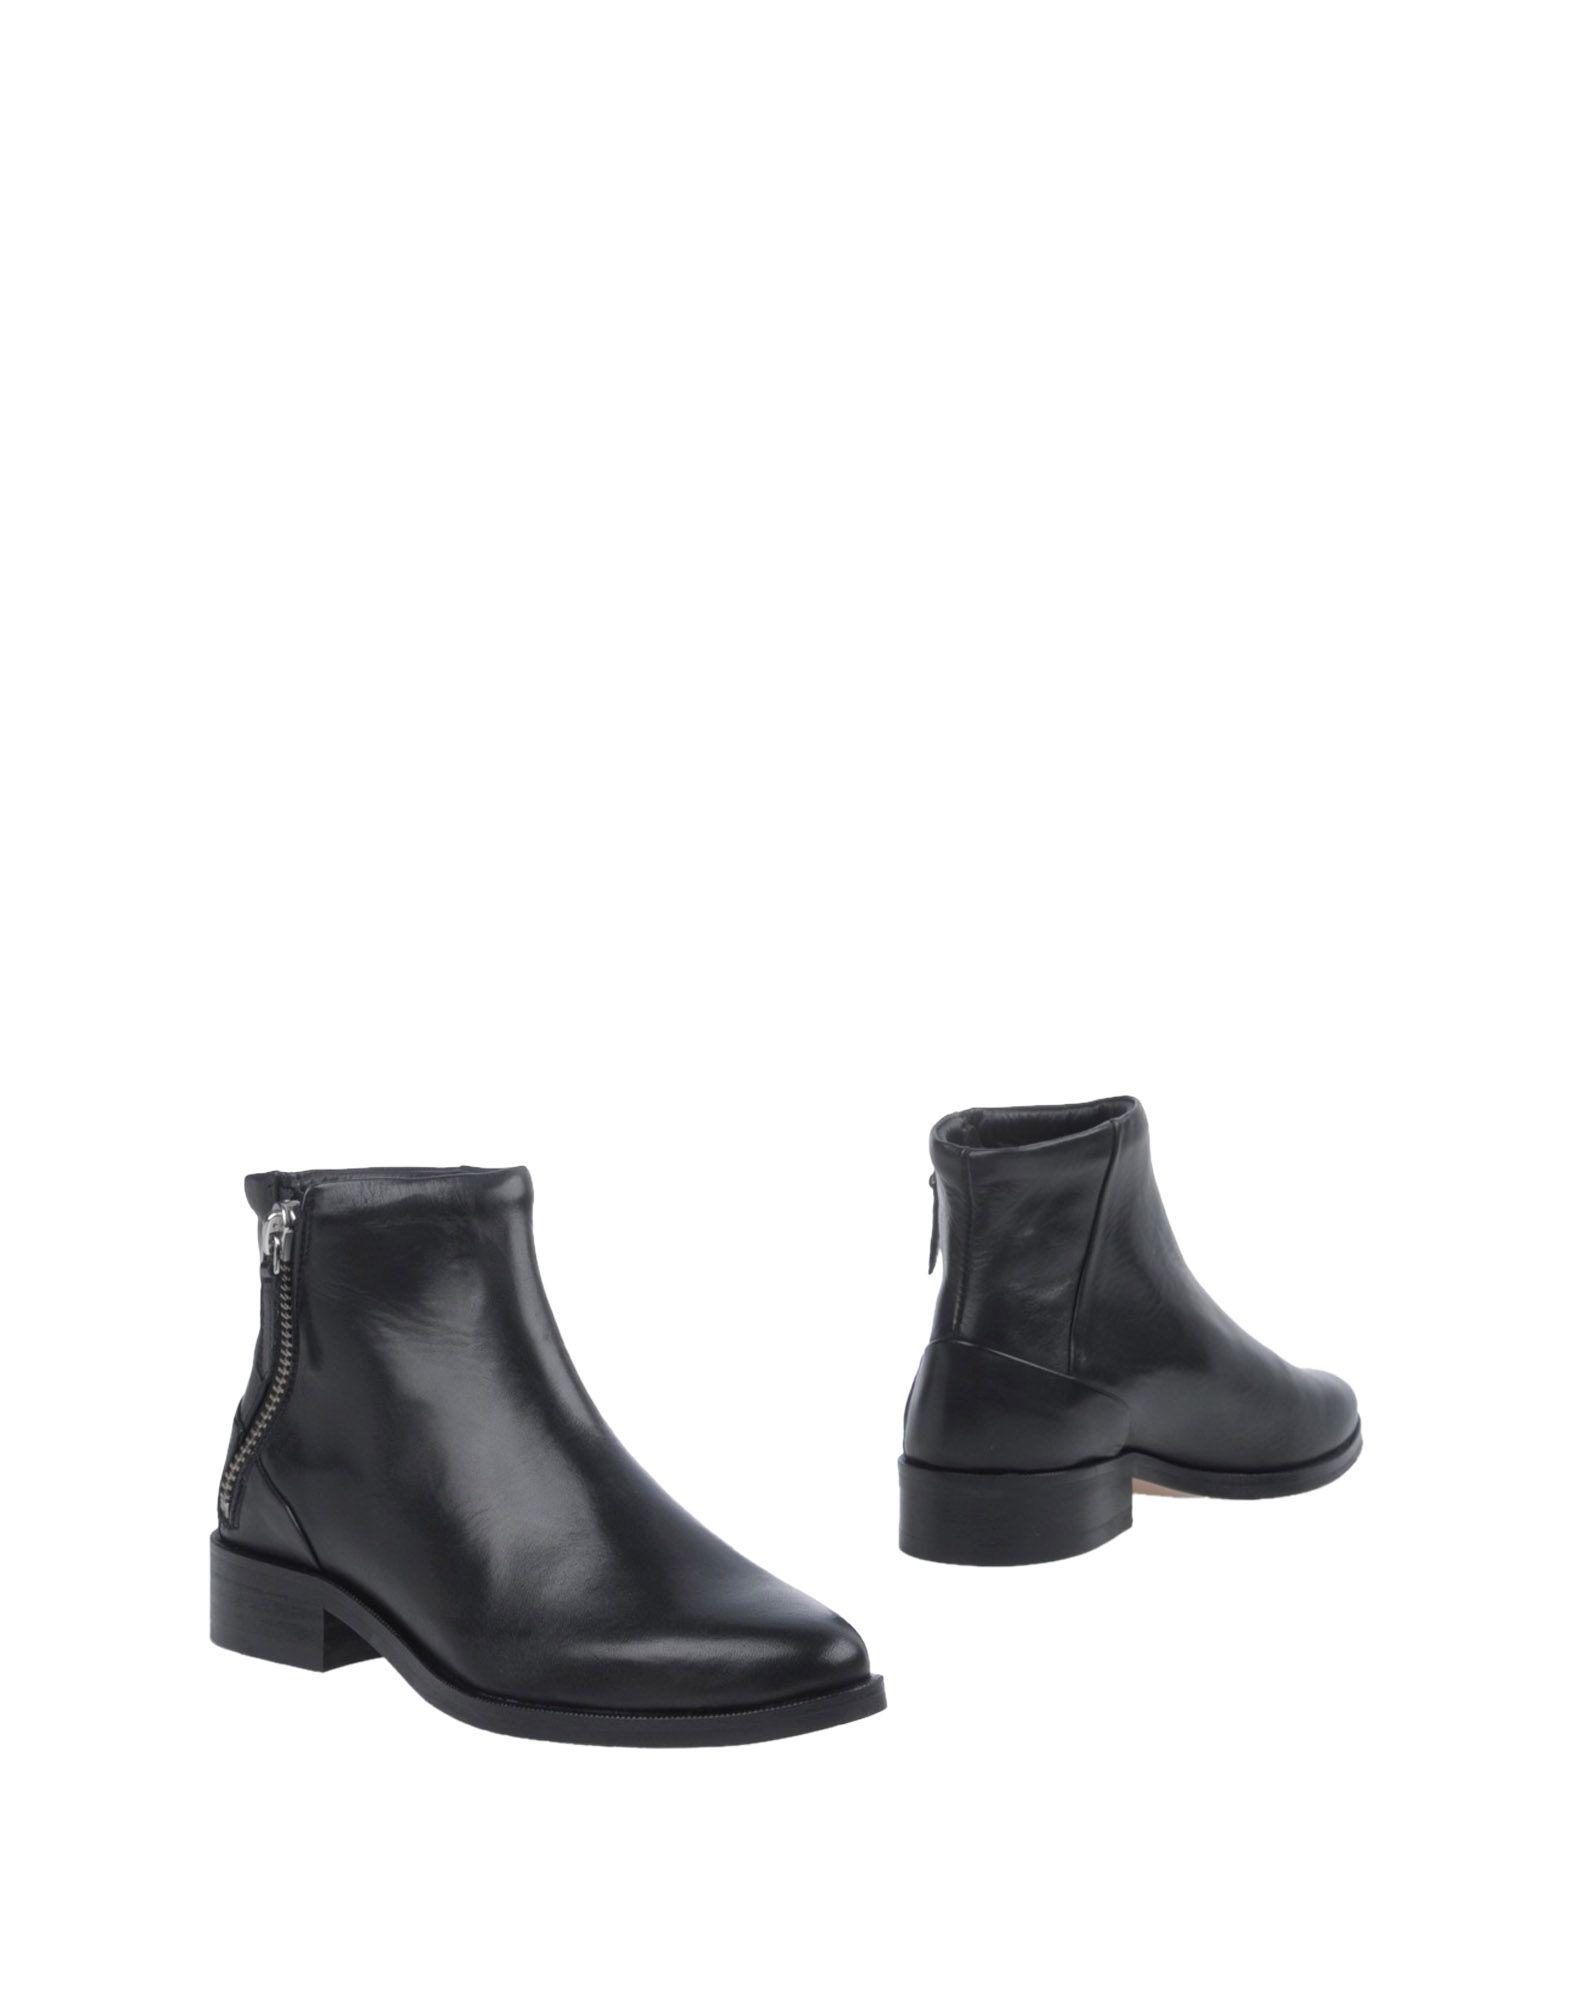 Royal Republiq Stiefelette Schuhe Damen  11384979HV Neue Schuhe Stiefelette 98a204